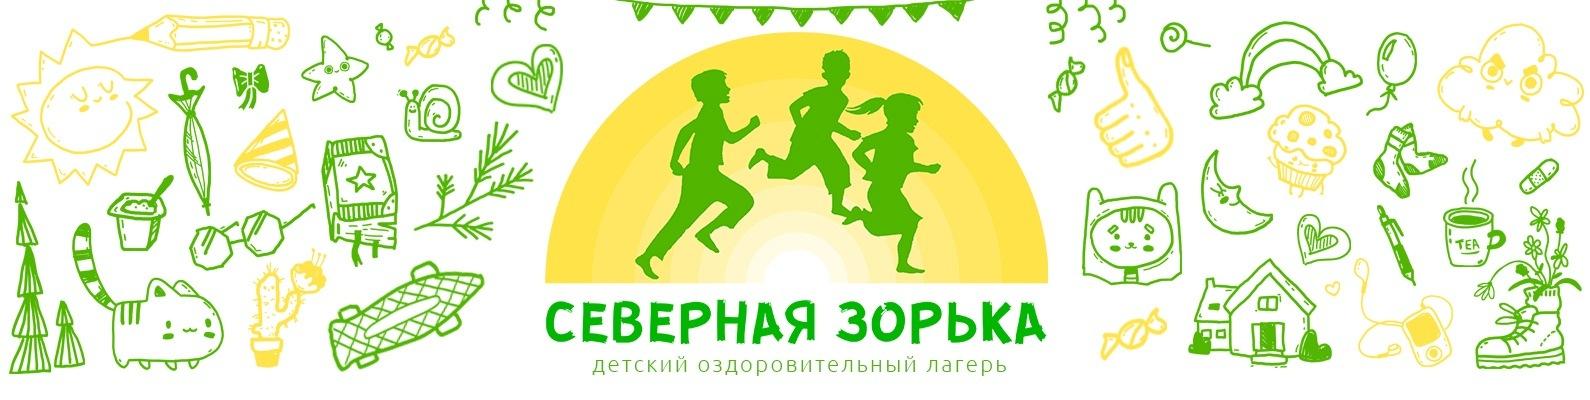 Картинки по запросу детский оздоровительный лагерь «Северная Зорька»